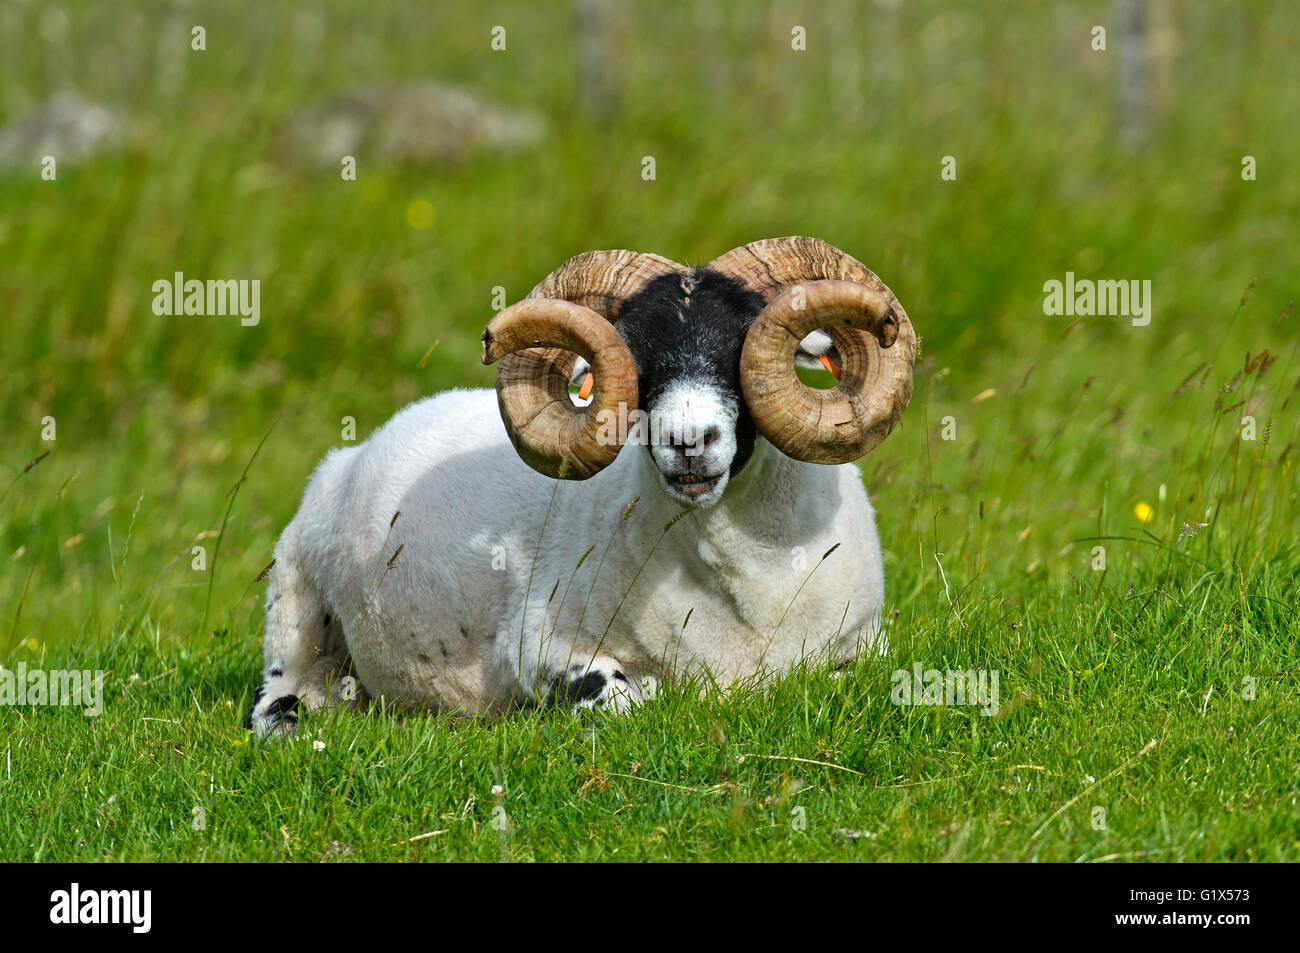 Scottish Blackface sheep, ram, Isle of Skye, Inner Hebrides, Scotland, United Kingdom - Stock Image